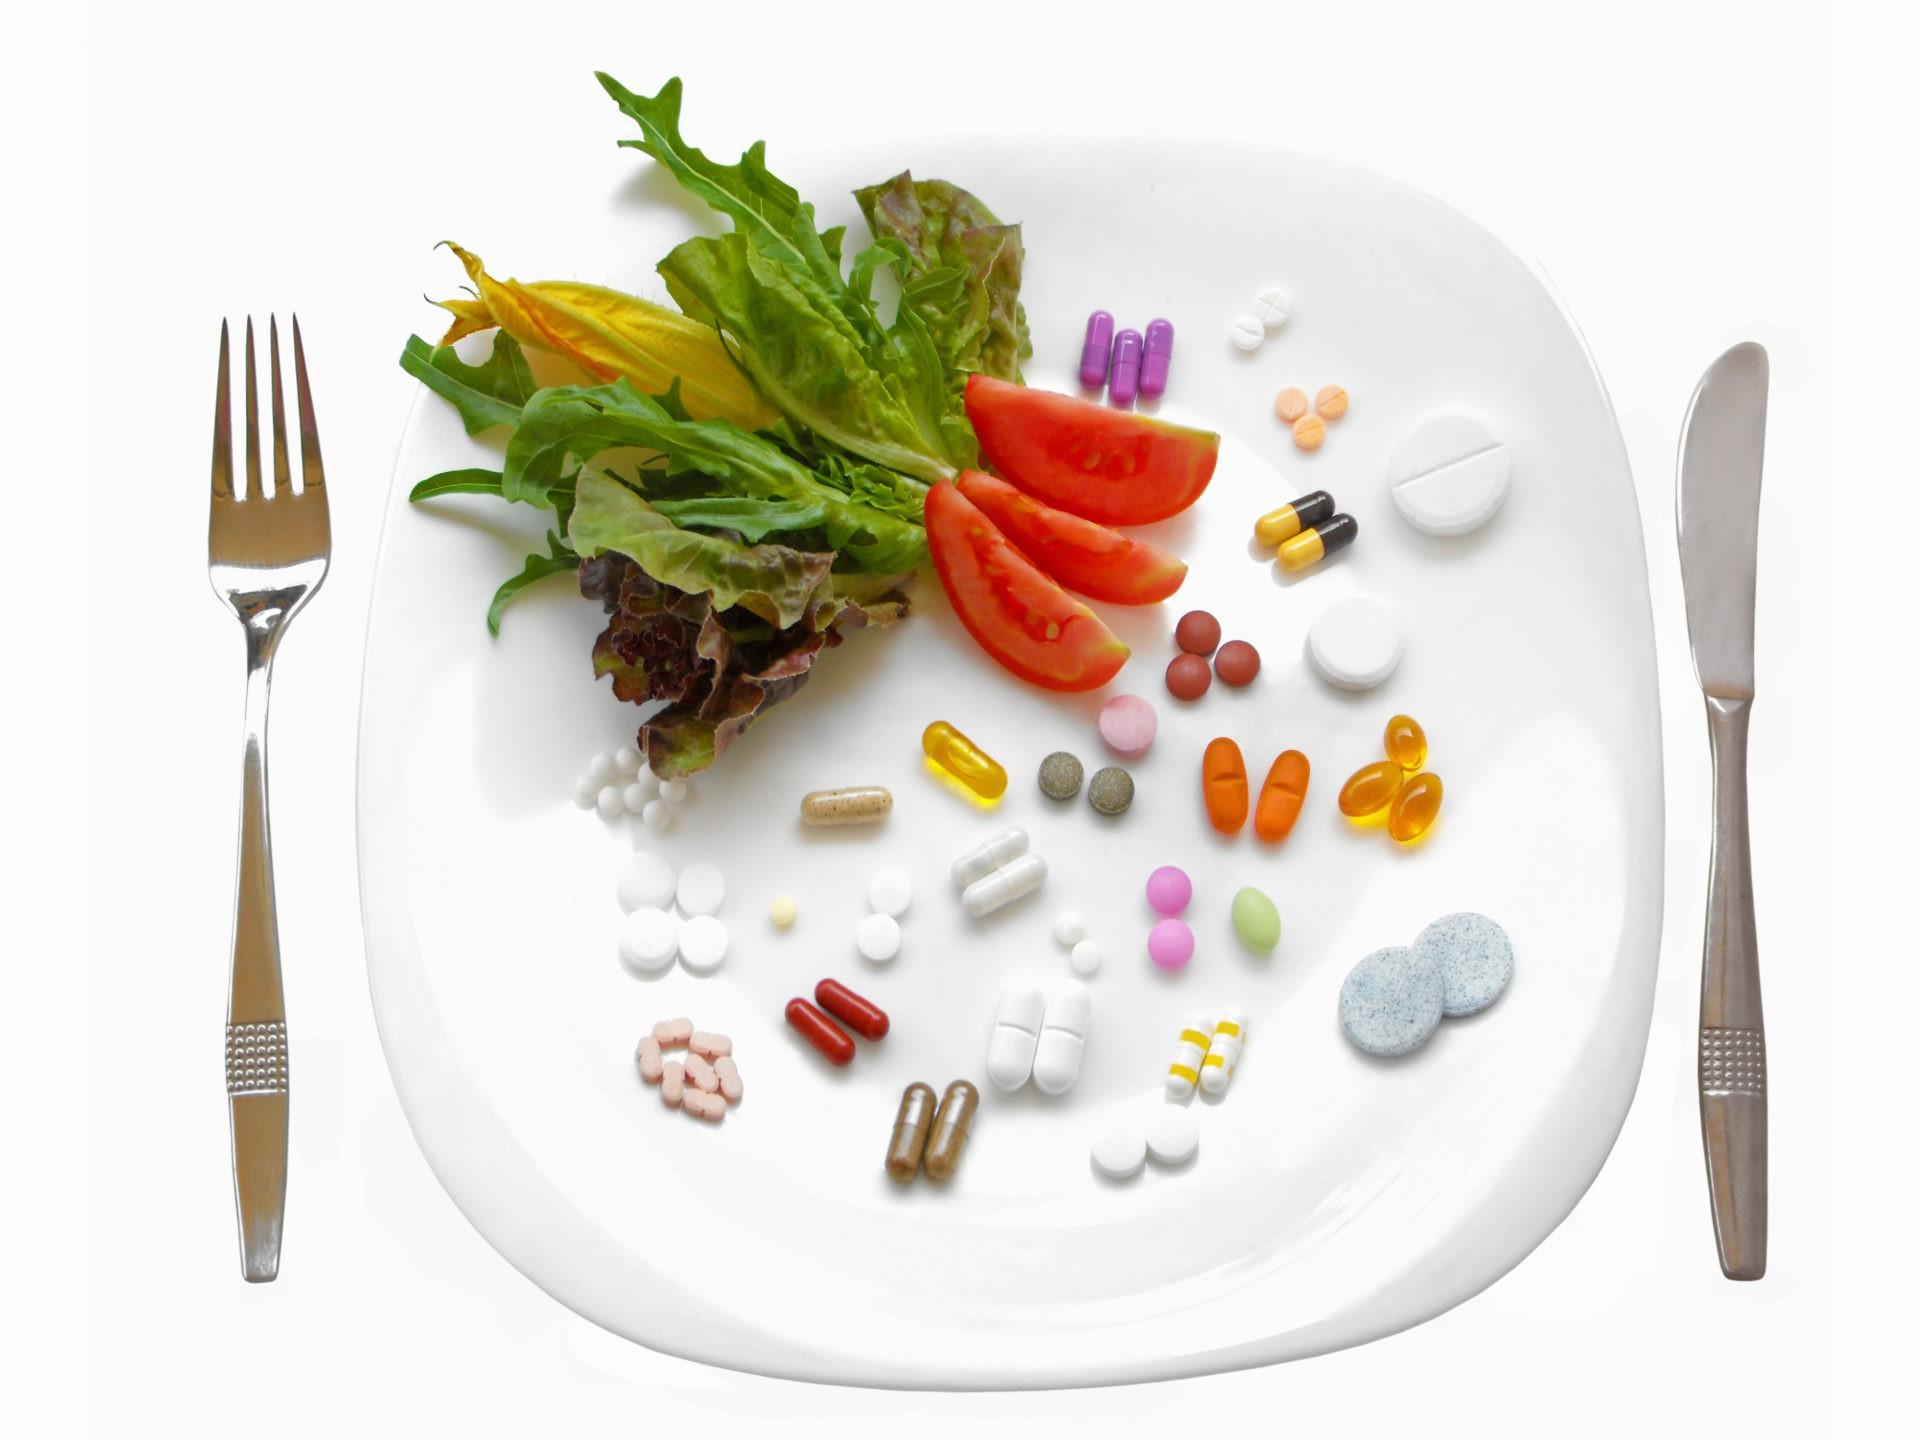 Odchudzanie - przegląd preparatów z apteki